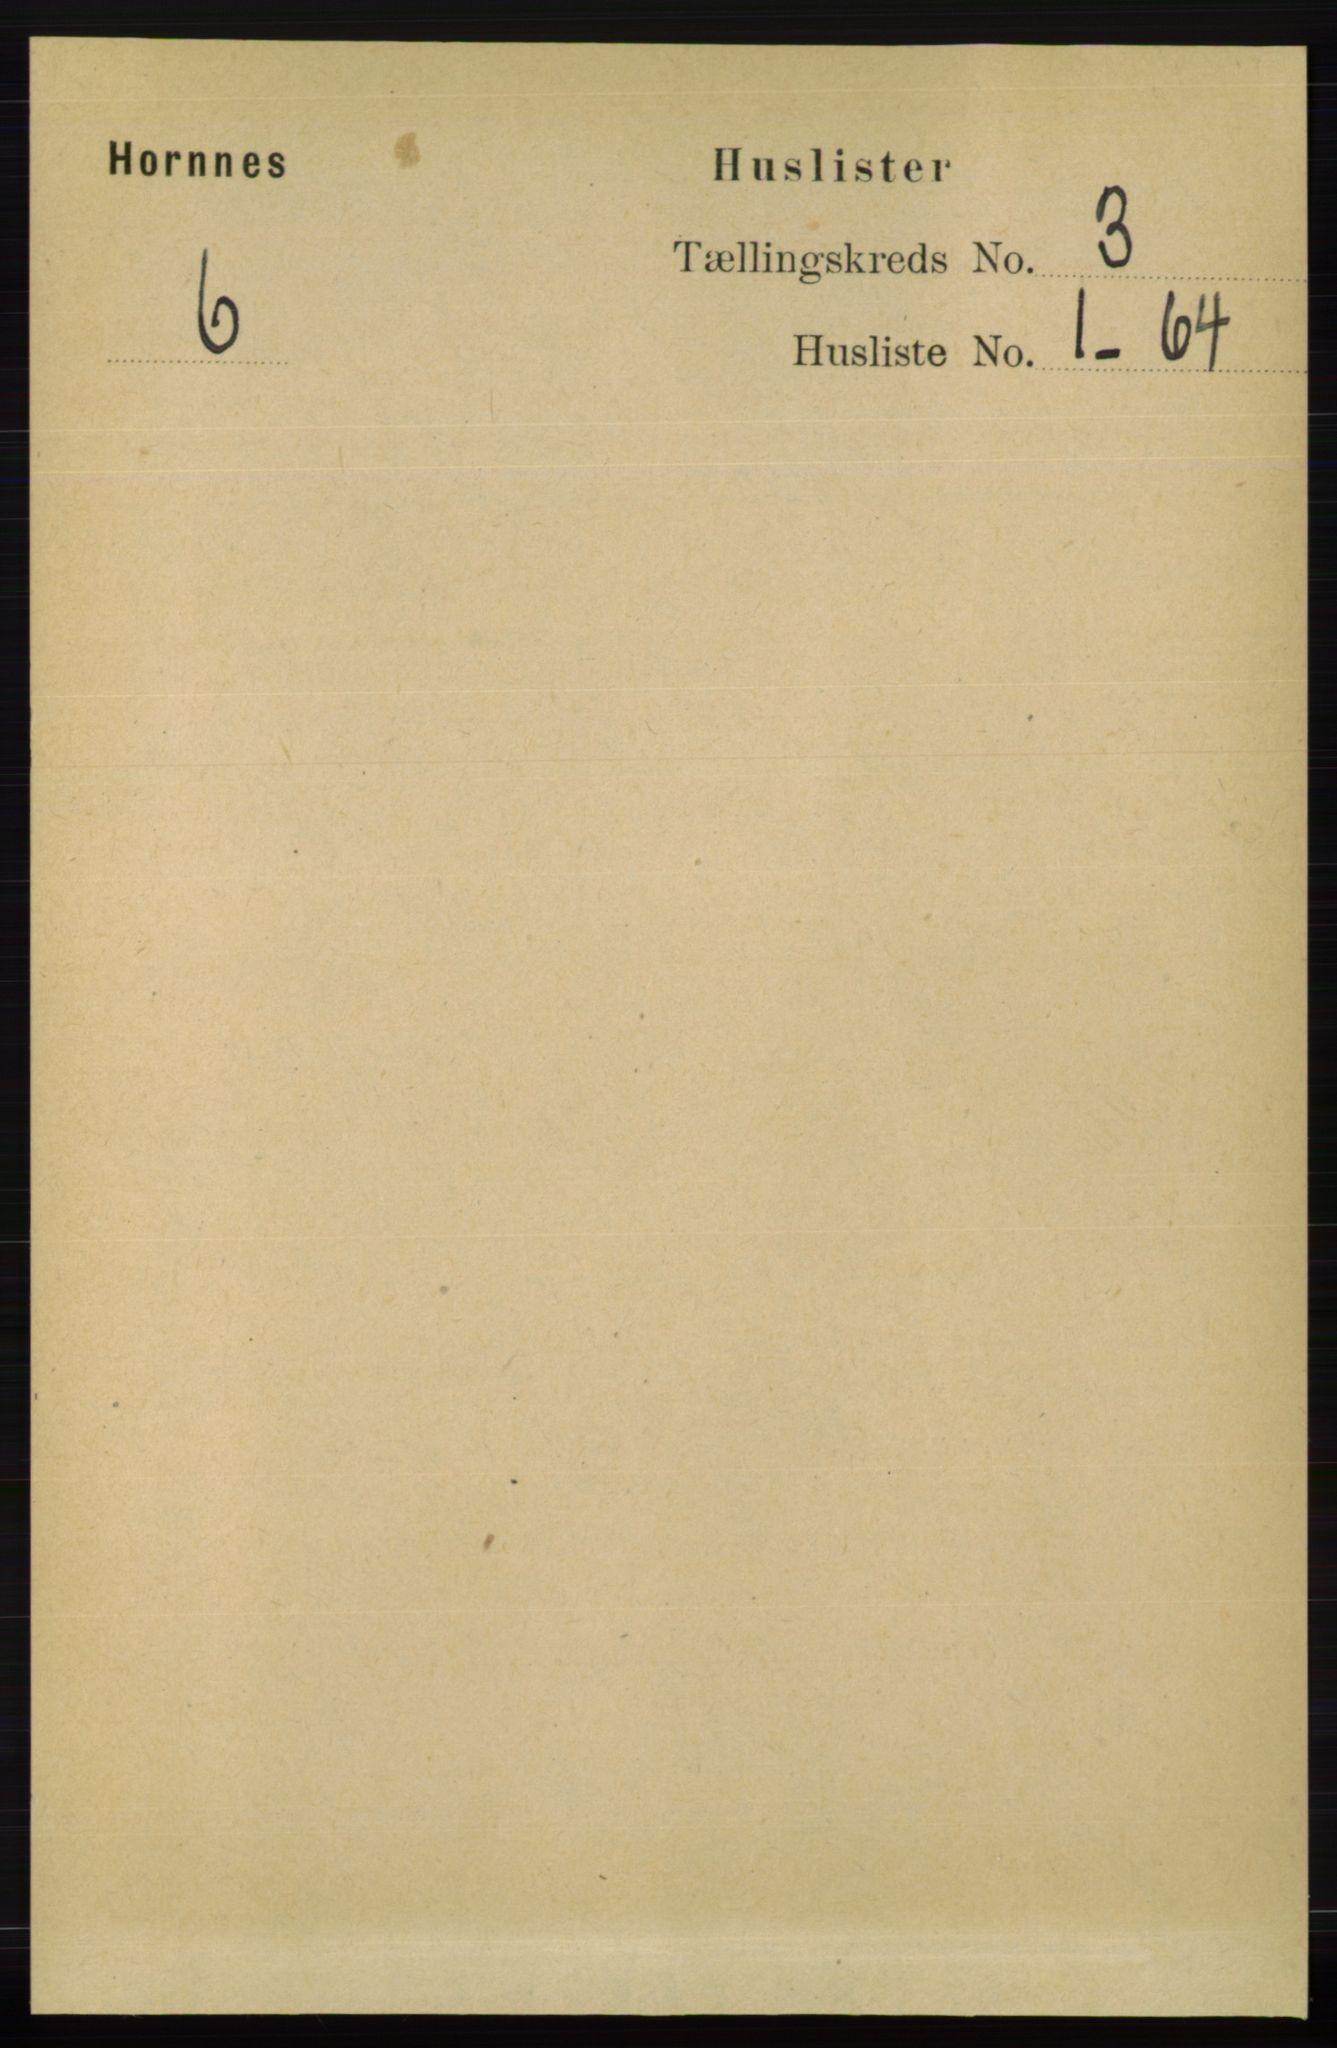 RA, Folketelling 1891 for 0936 Hornnes herred, 1891, s. 476